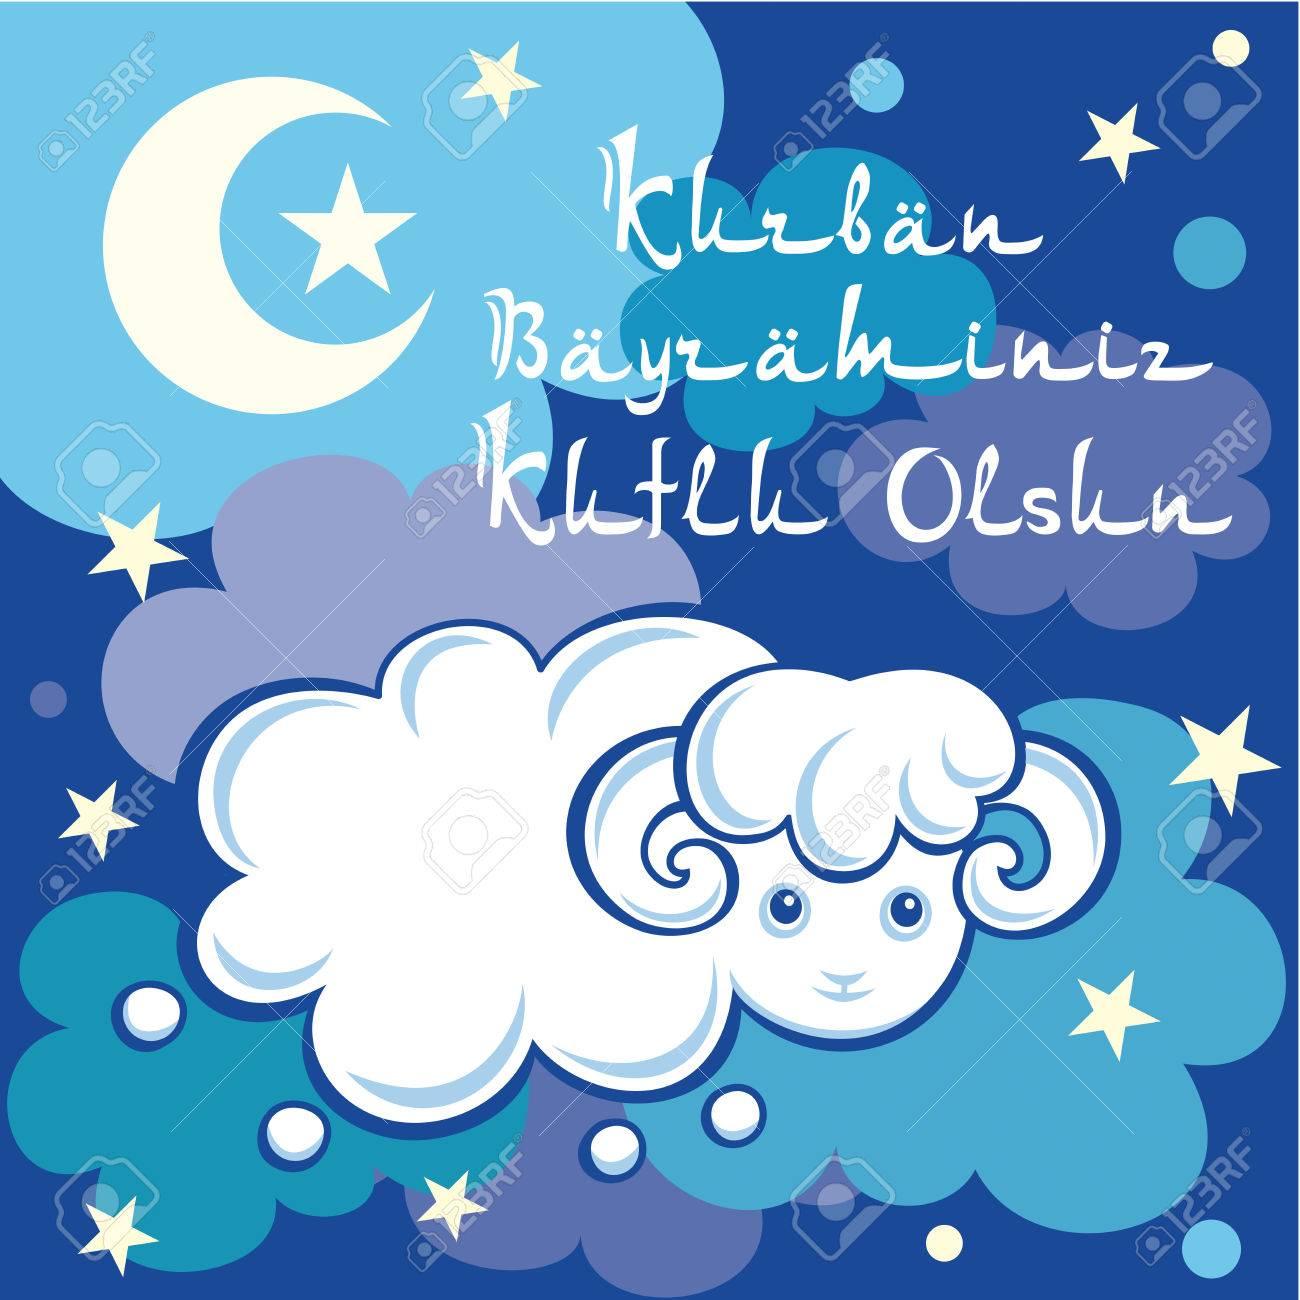 Turkish Kurban Bayraminiz Kutlu Olsun Muslim Community Festival Of